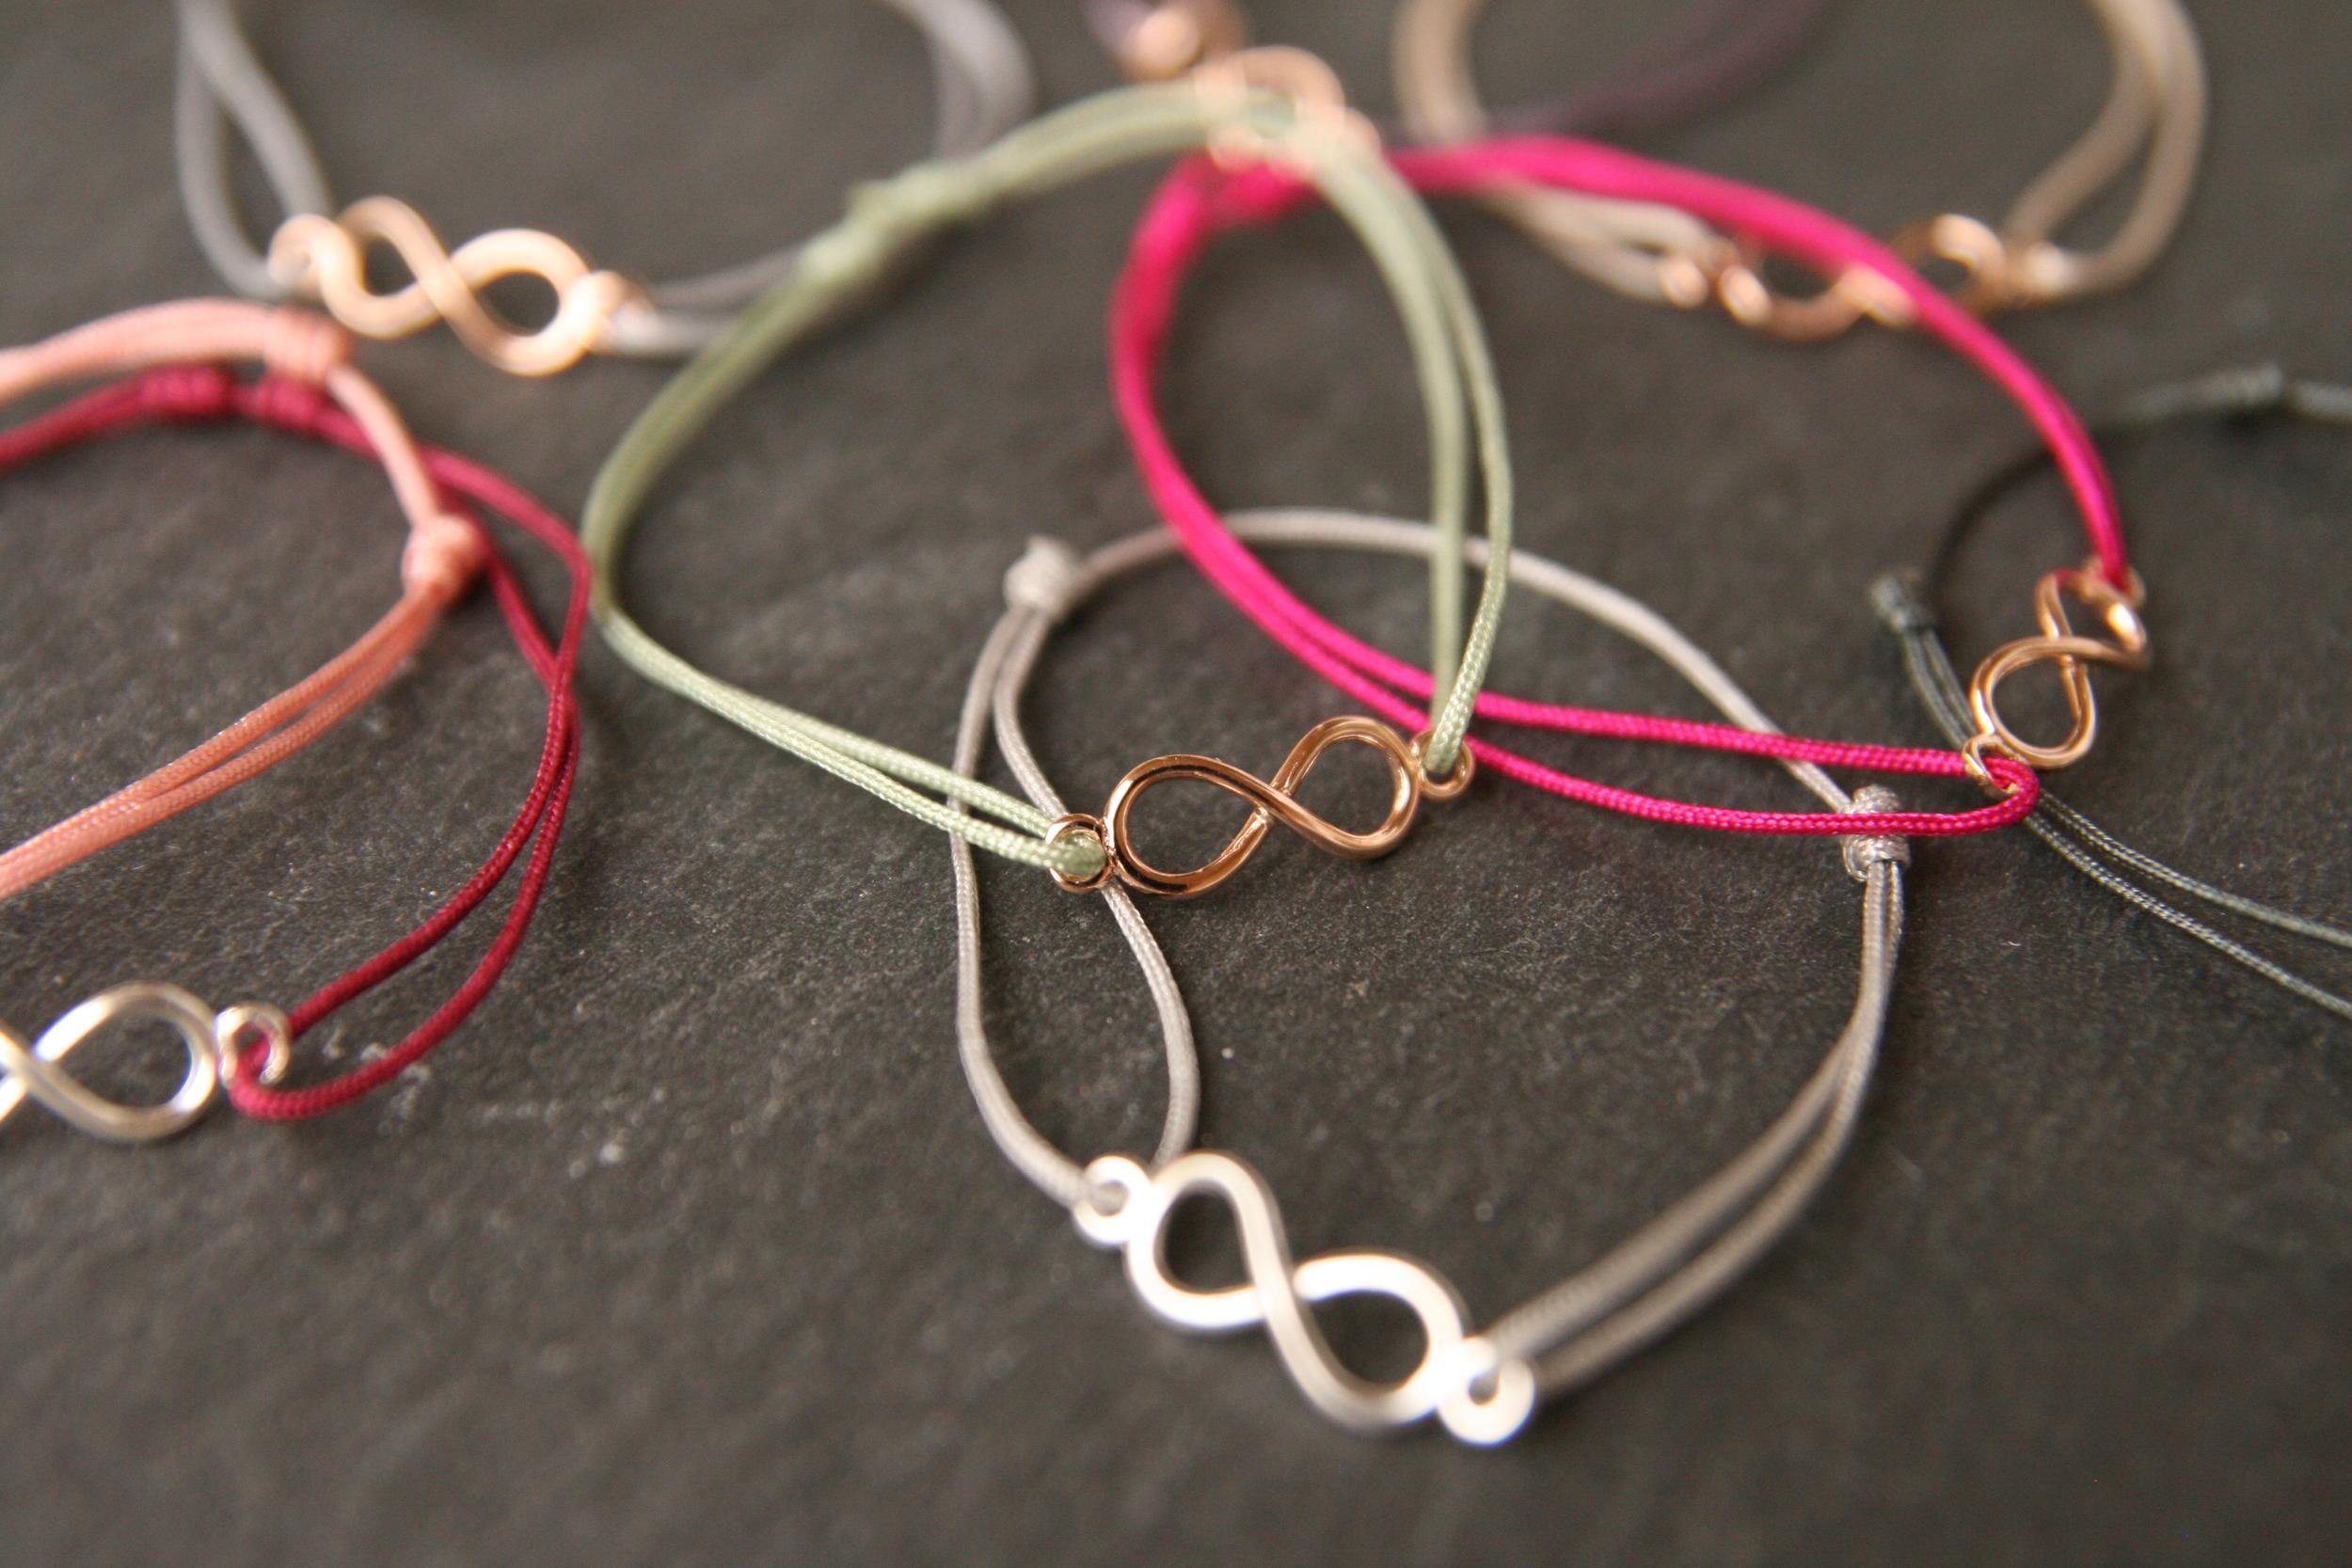 INFINITY  Zartes Armband mit versilberter oder rosé vergoldeter Infinity-Schleife mit verschiebbarem - individuell anpassbarem - Verschluss. Band in diversen Farben.  28€   BESTELLEN >>